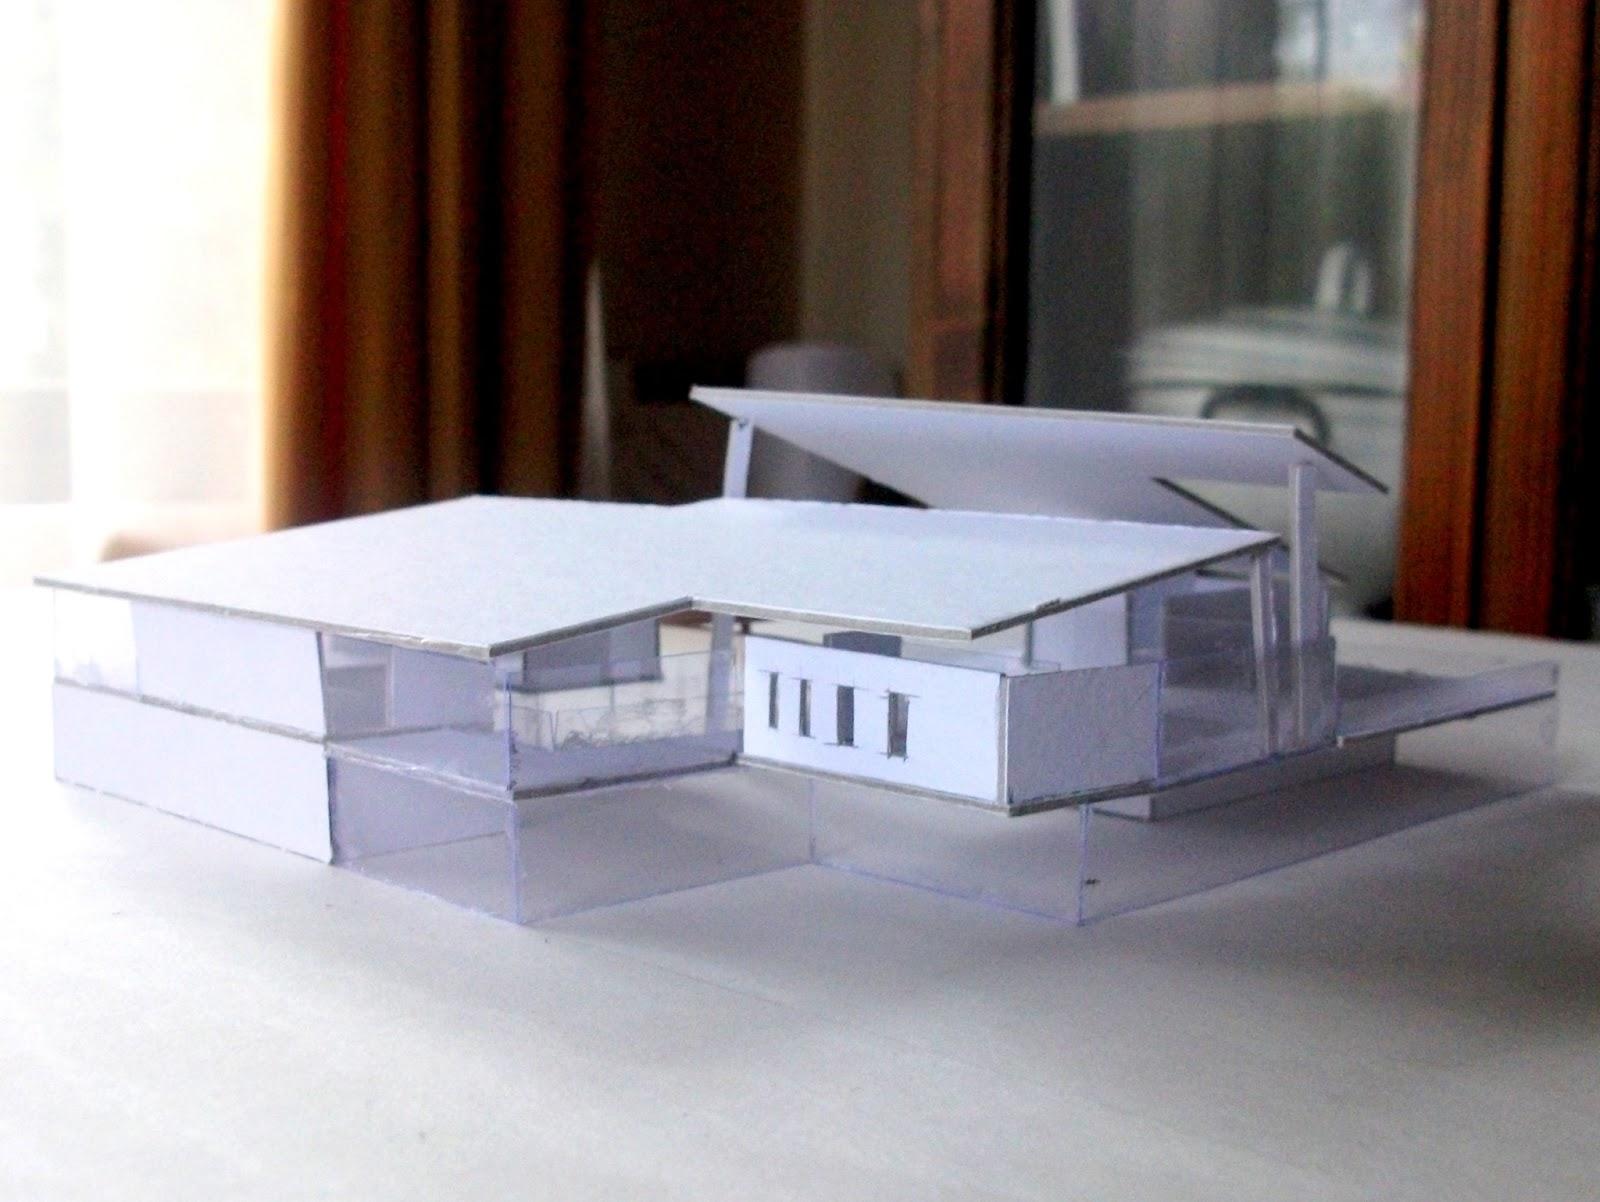 Proyecto I Hombre Arquitectura Y Ciudad Corrección